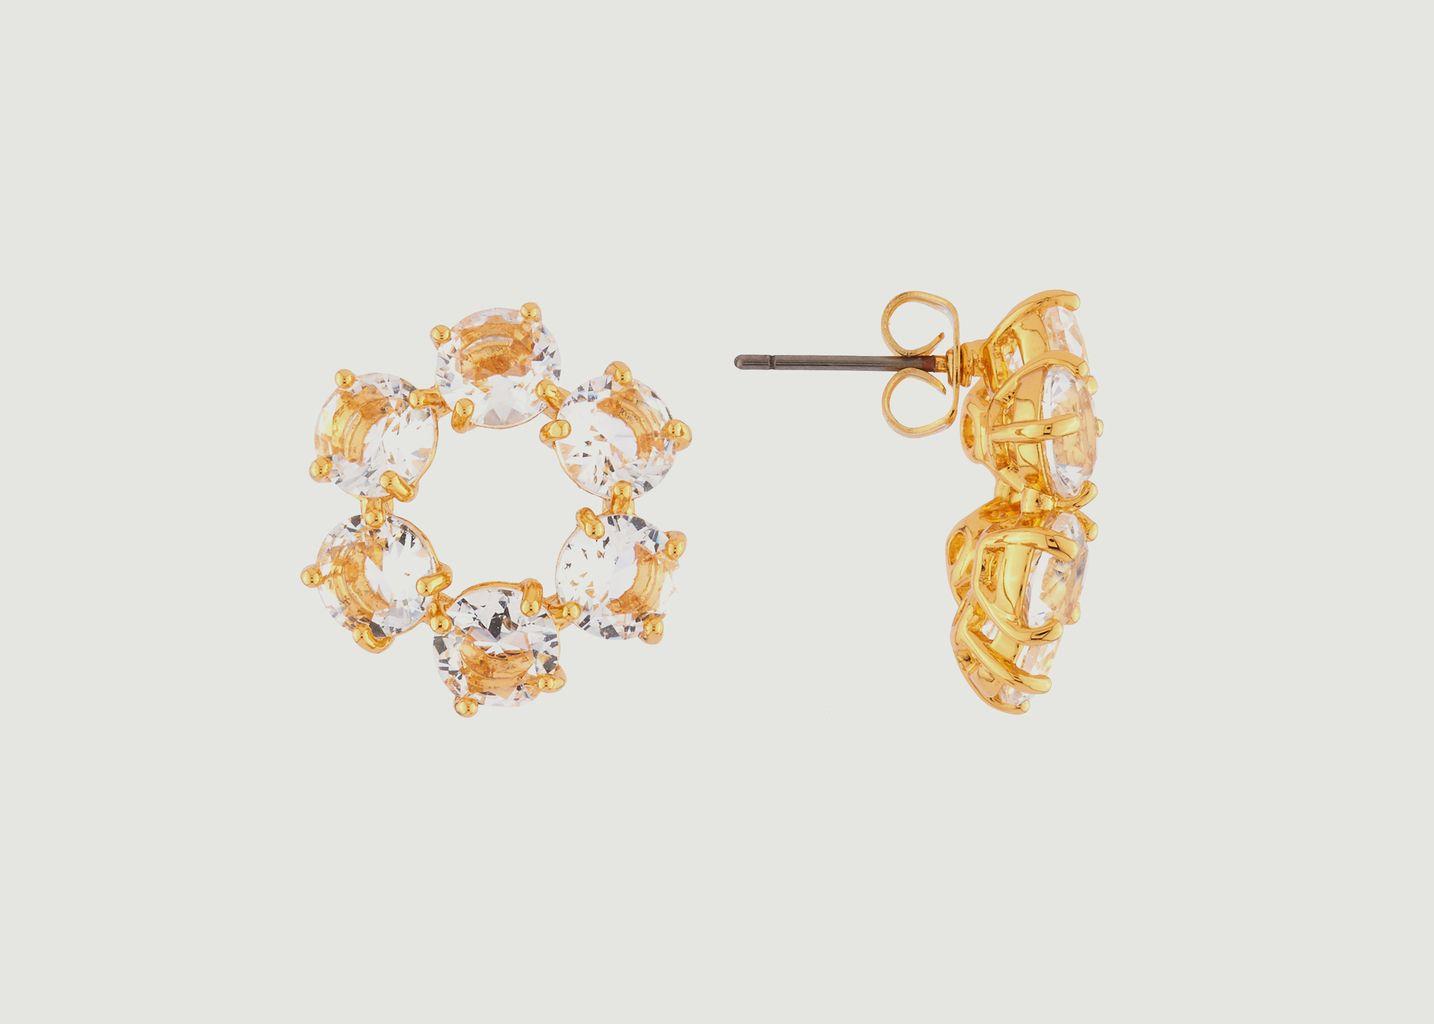 Boucles d'Oreilles Diamantine - Les Néréides